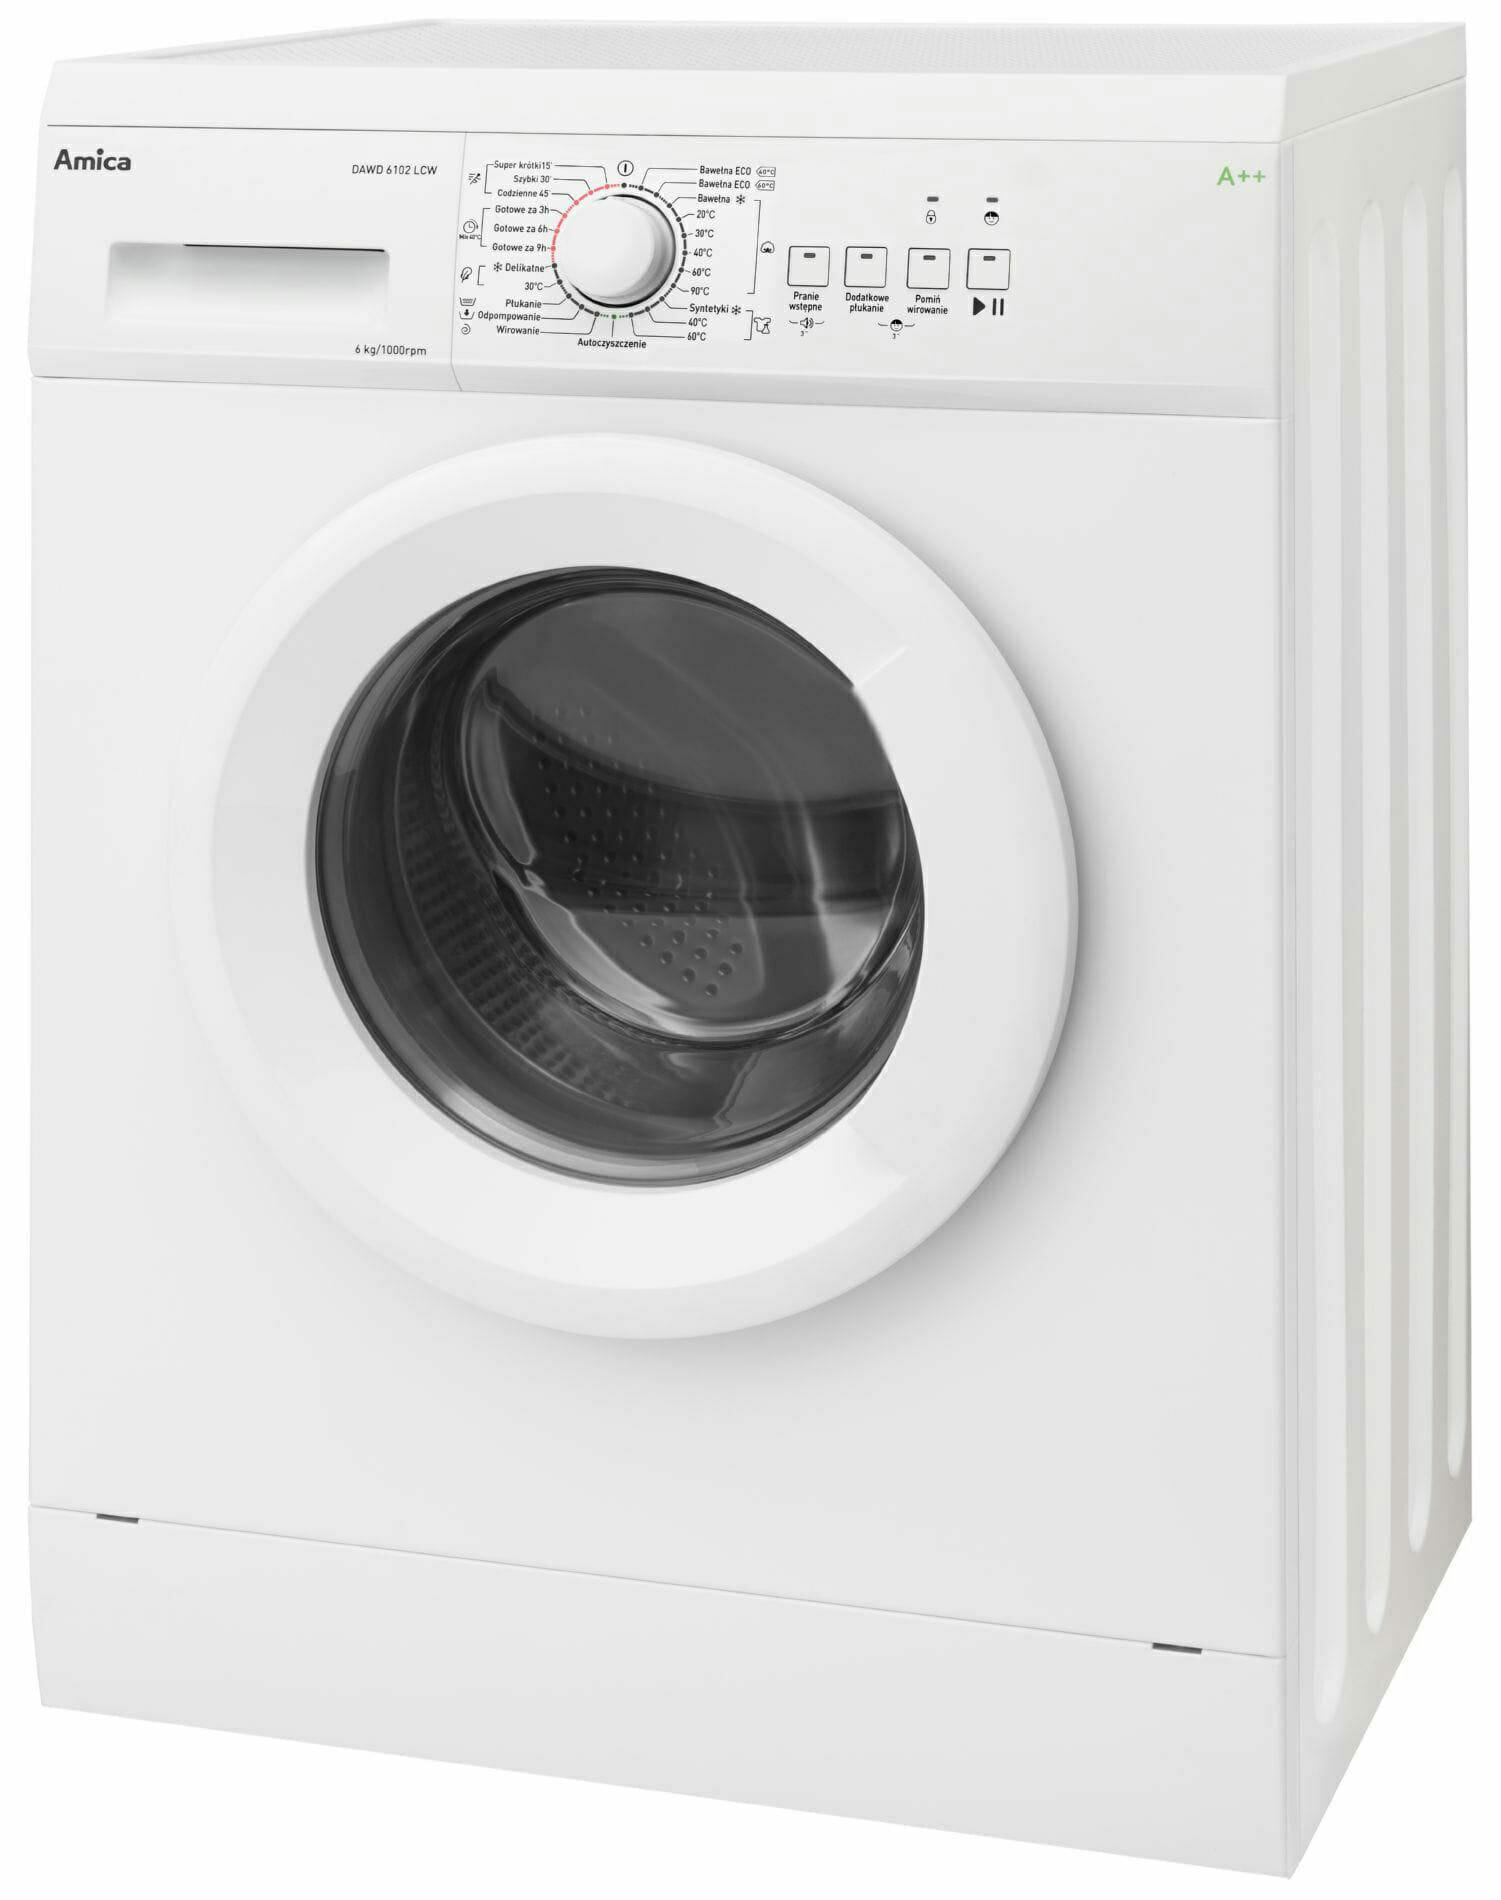 Amica DAWD6102LCW jaka pralka do 1000zł